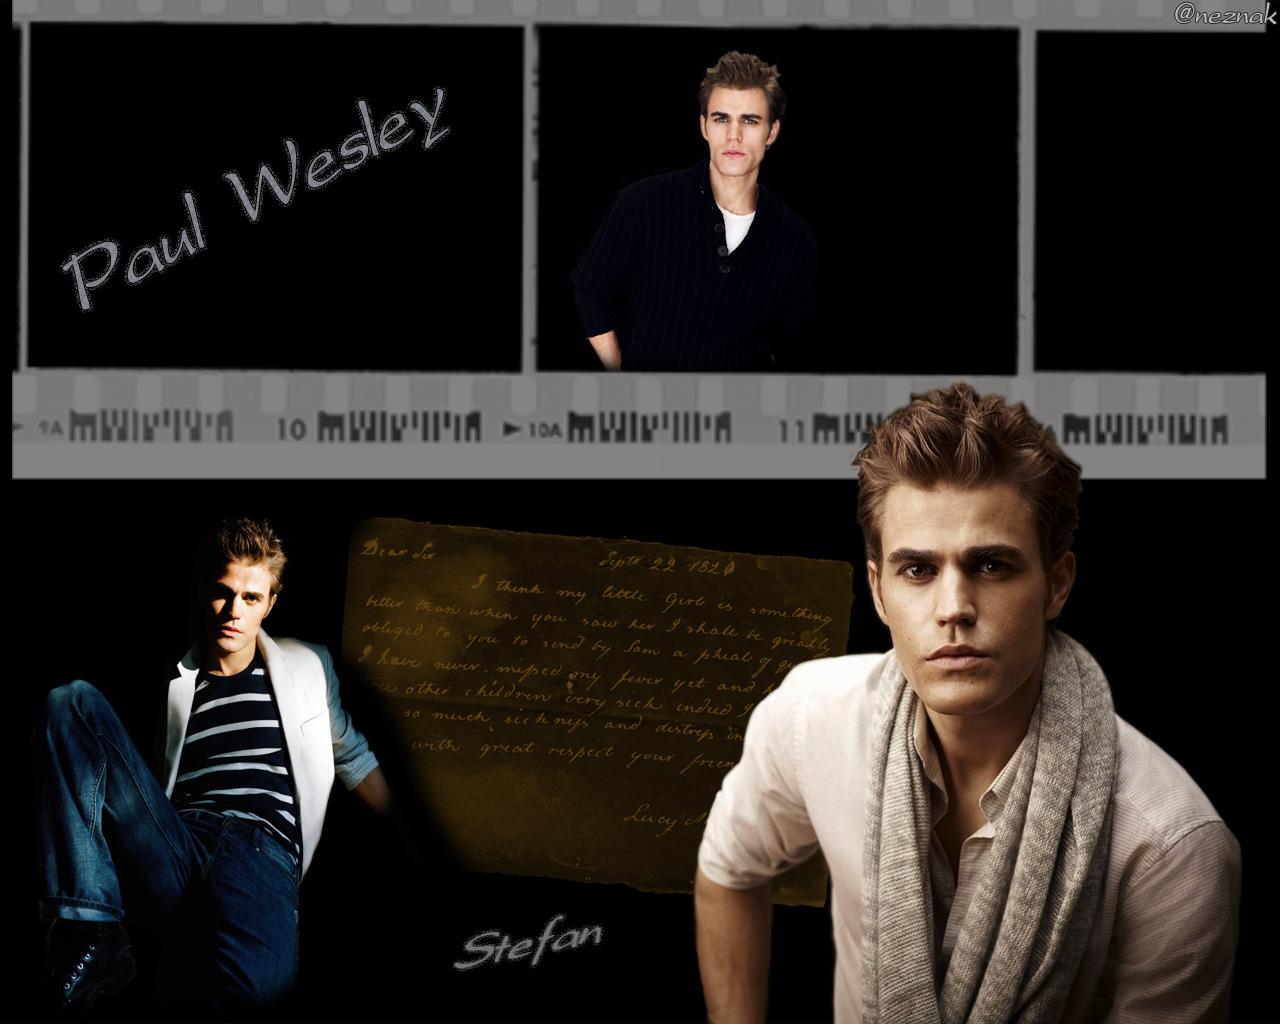 http://4.bp.blogspot.com/_5r87gcsWdF4/TN7lZM7tftI/AAAAAAAABLs/rCbalydzaHc/s1600/Paul_Wesley_1280x10241.jpg